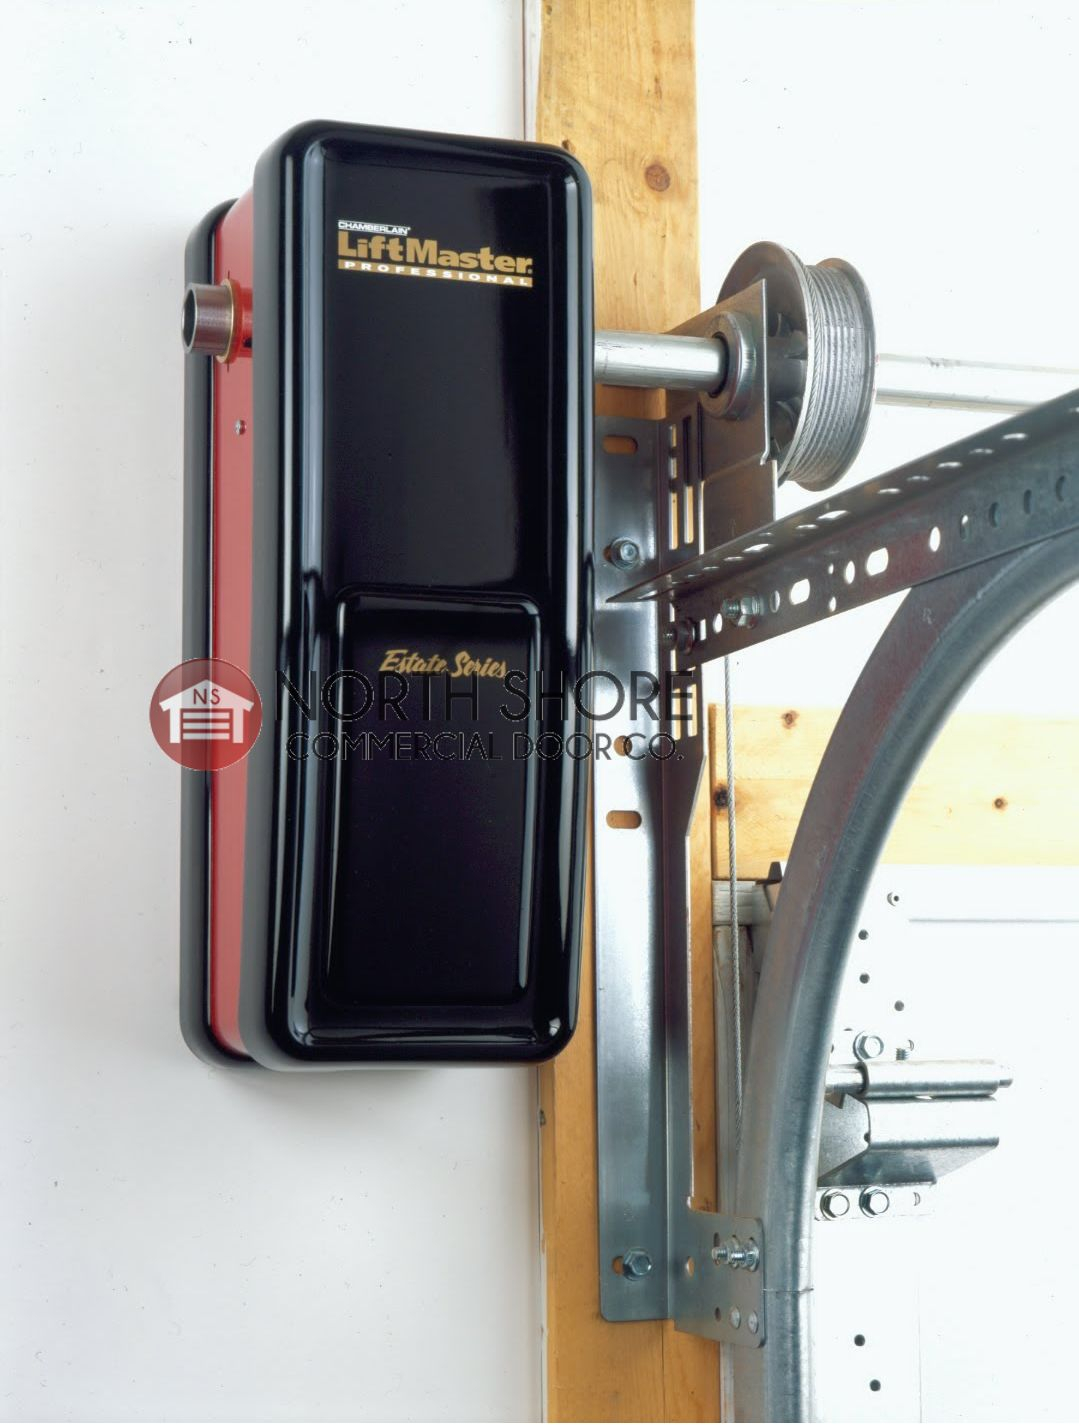 Liftmaster 8500 Wall Mount Garage Door Opener Cool Garage Doors pertaining to measurements 1079 X 1425